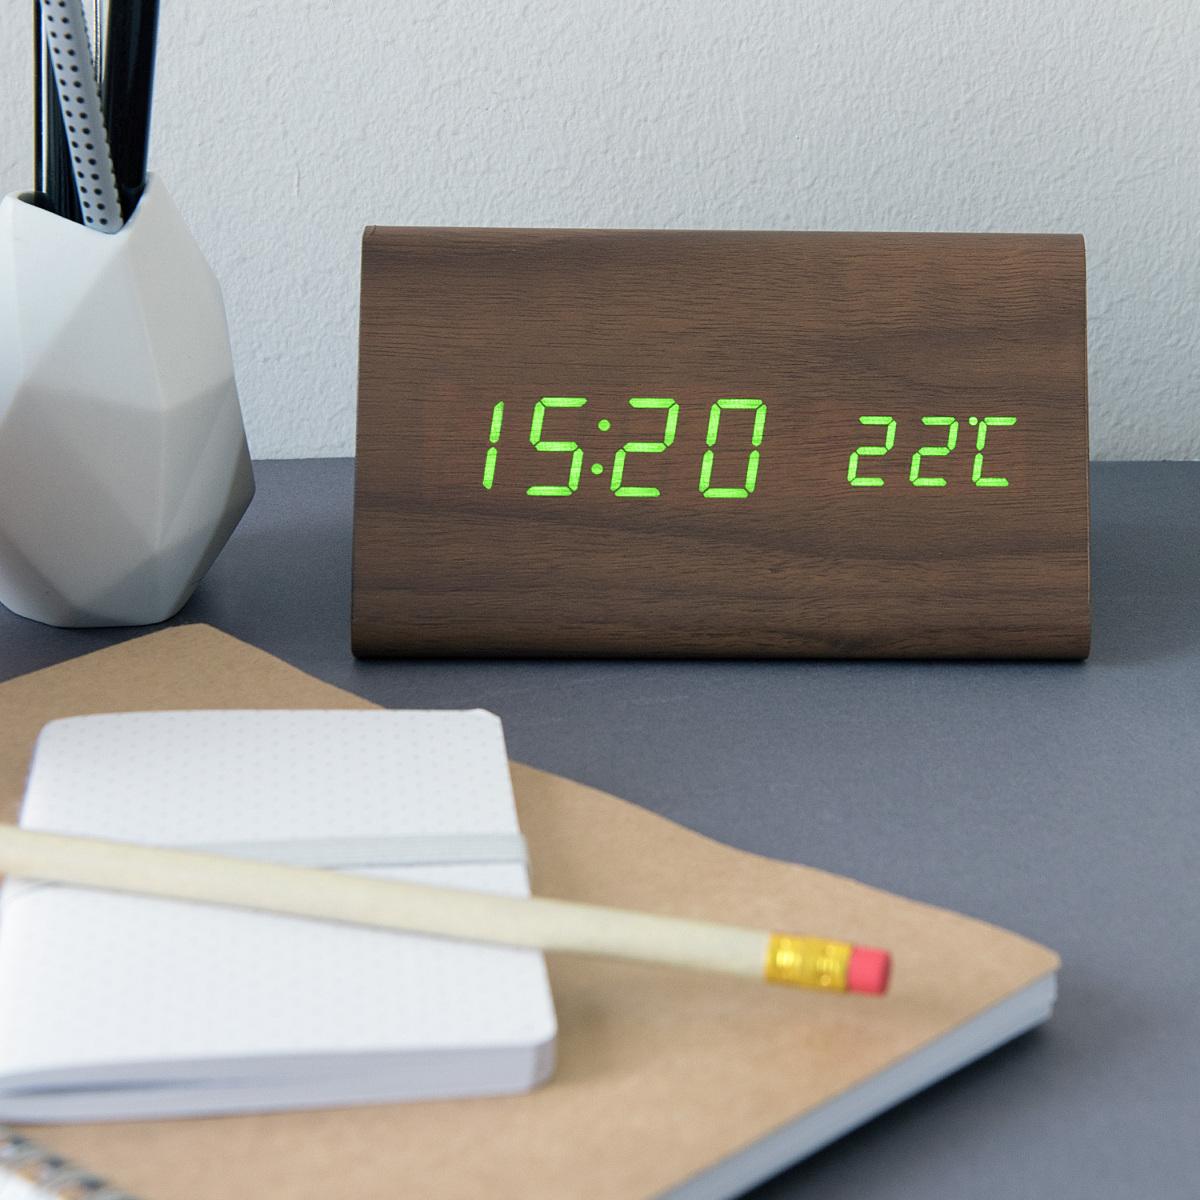 kwmobile wecker holz uhr temperatur gro braun mit gr n ger uschaktivierung ebay. Black Bedroom Furniture Sets. Home Design Ideas